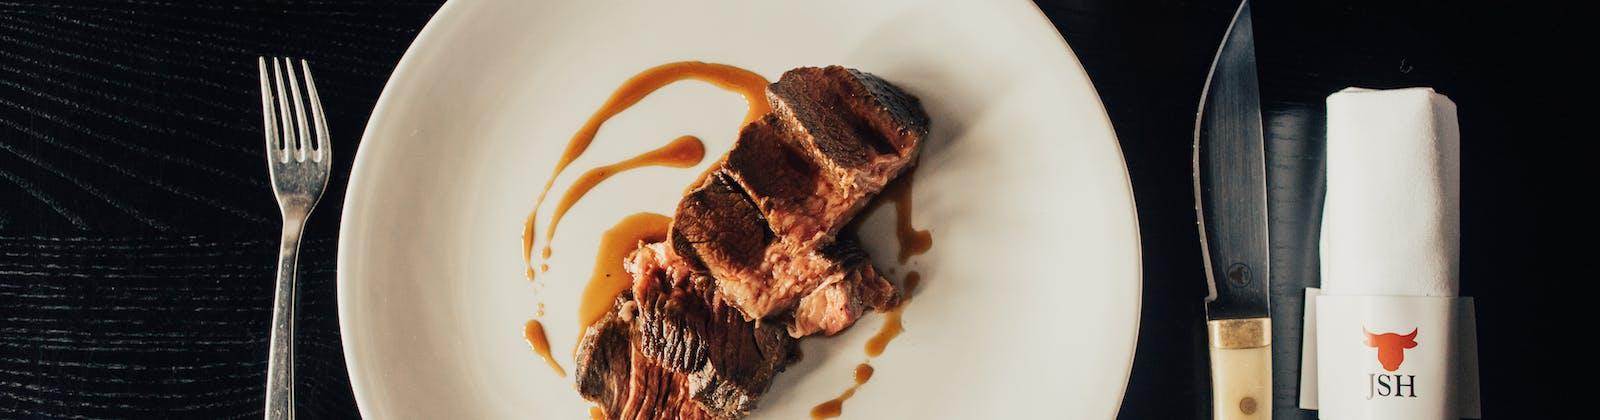 jervois steak house steak